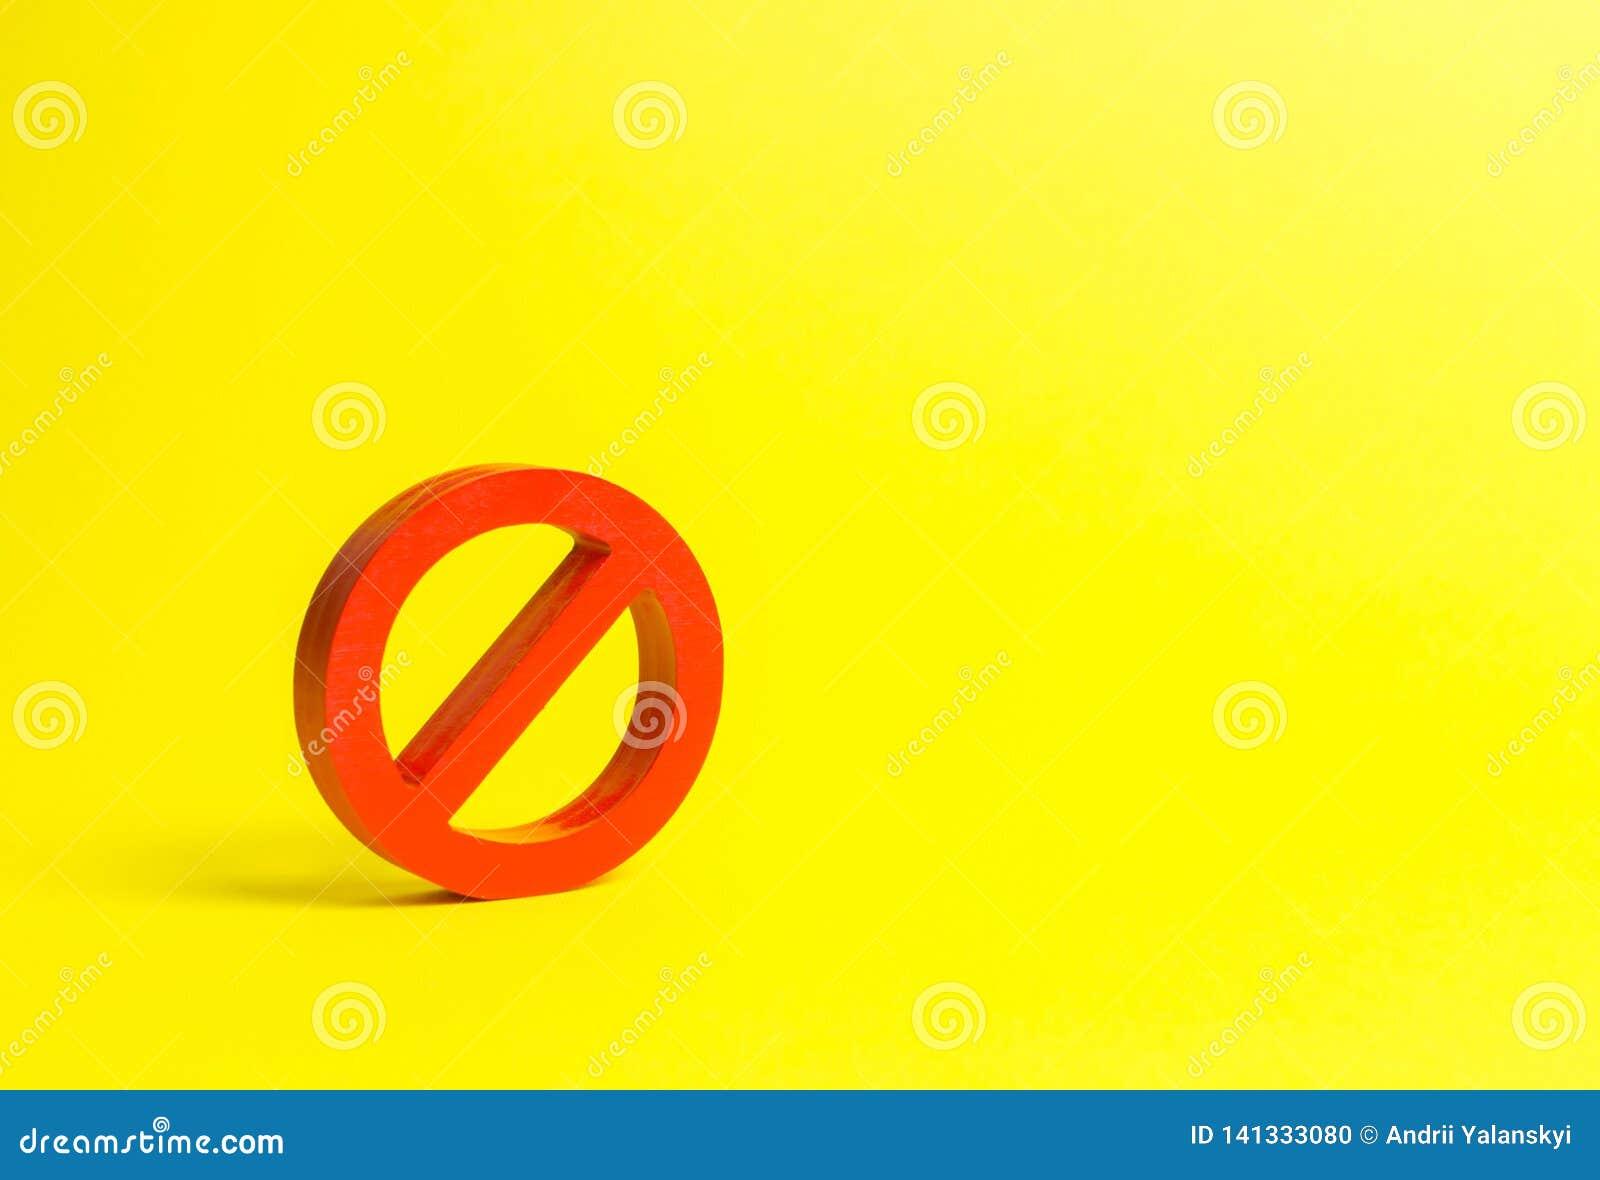 Geen teken of Geen symbool op een gele achtergrond minimalism Het concept verbod en beperking Censuur, controle over